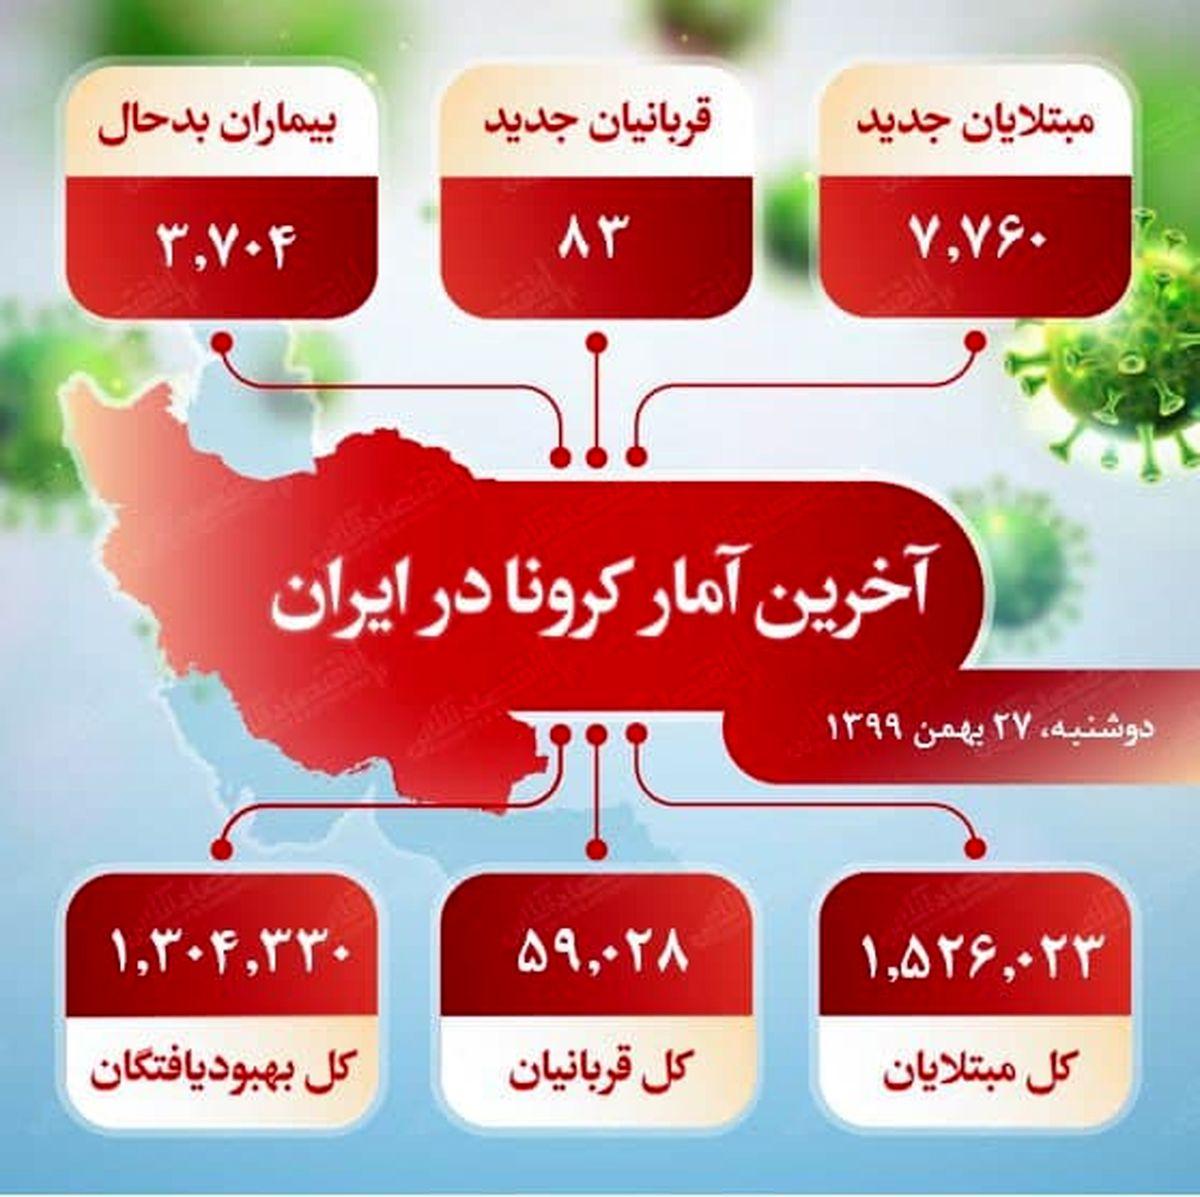 آخرین آمار کرونا در ایران (۹۹/۱۱/۲۷)